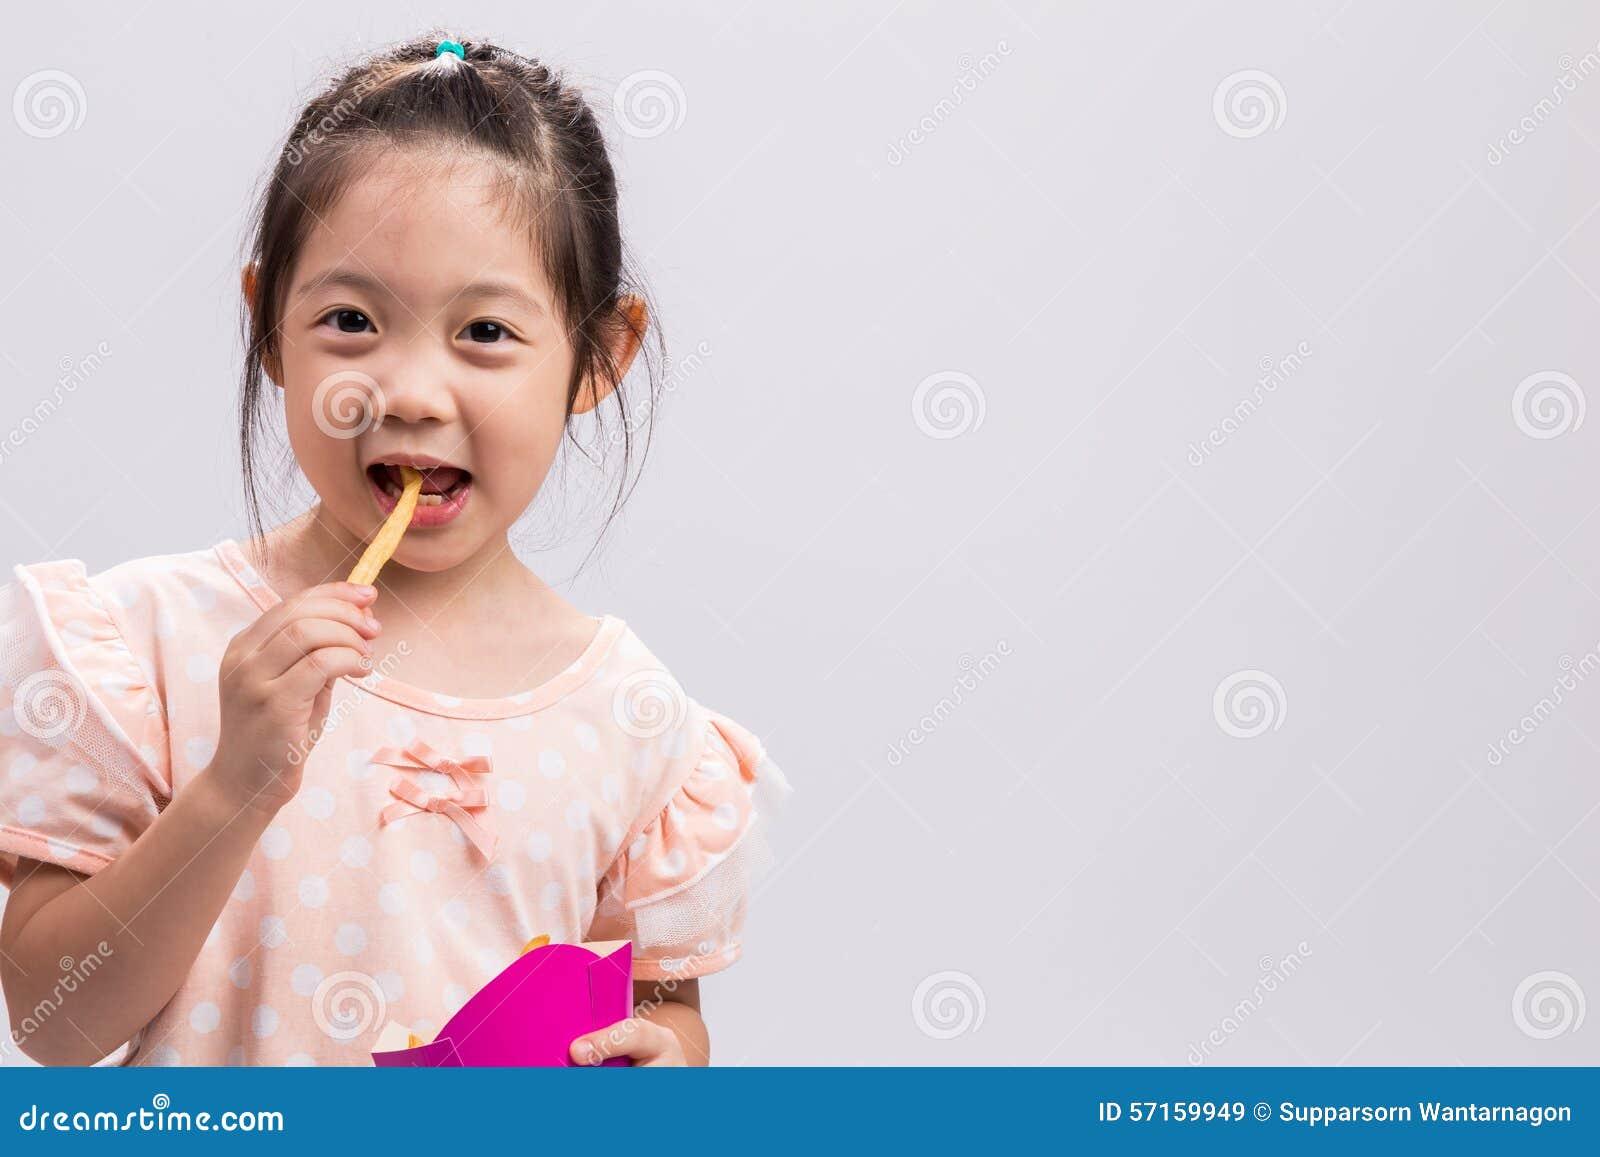 Meisje die Frieten/Meisje eten die Frietenachtergrond eten